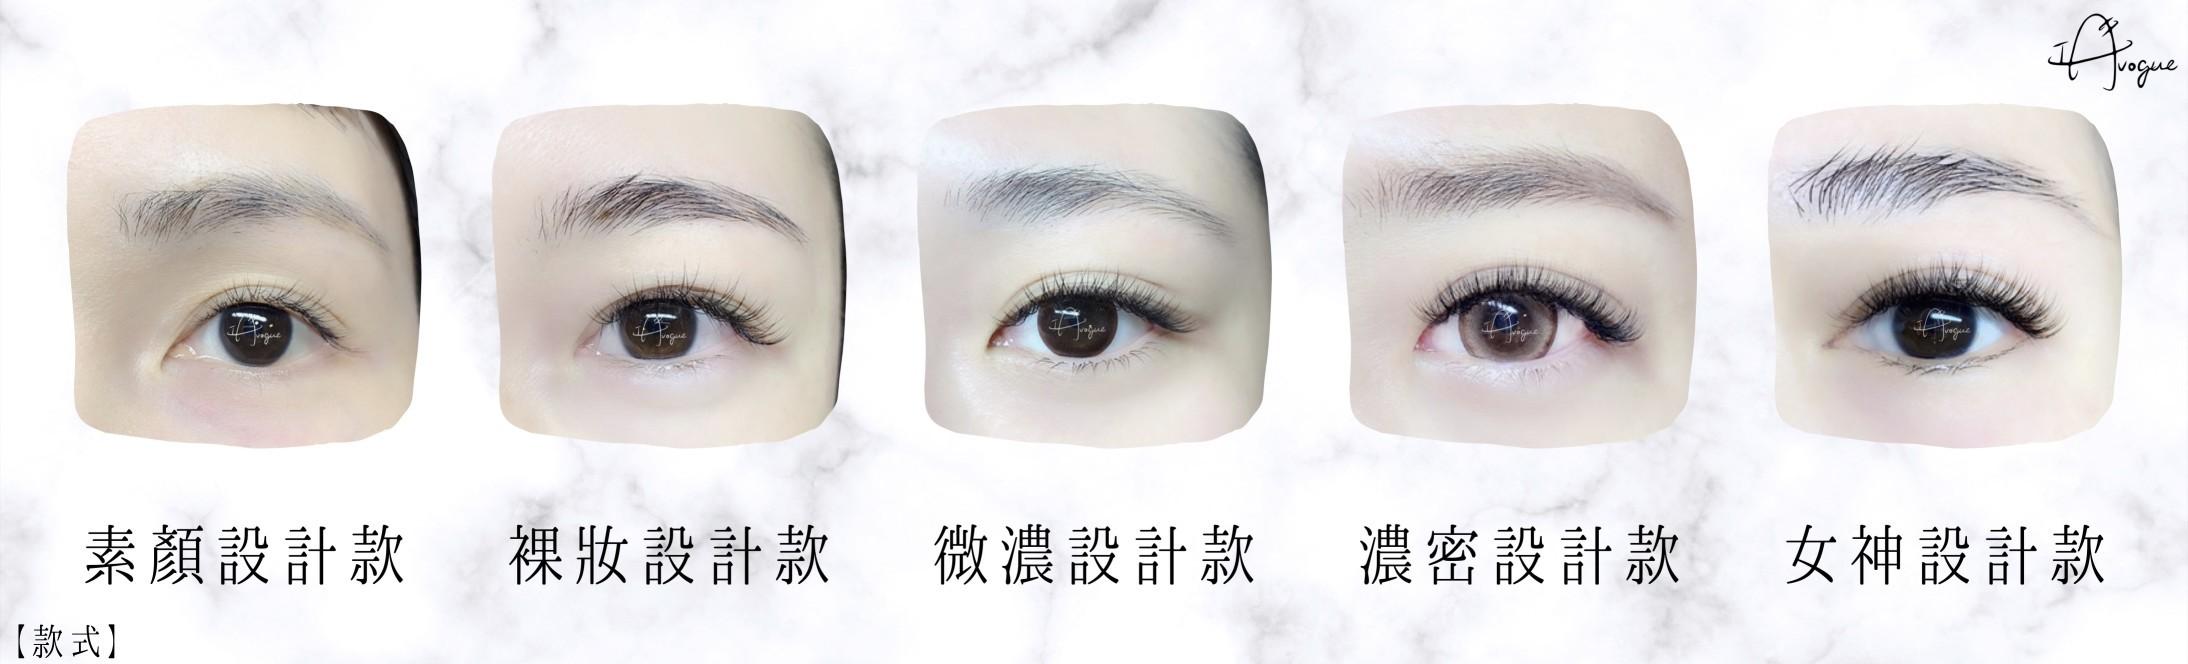 接睫毛款式設計挑選一覽表|台北中山區IA專業美睫設計